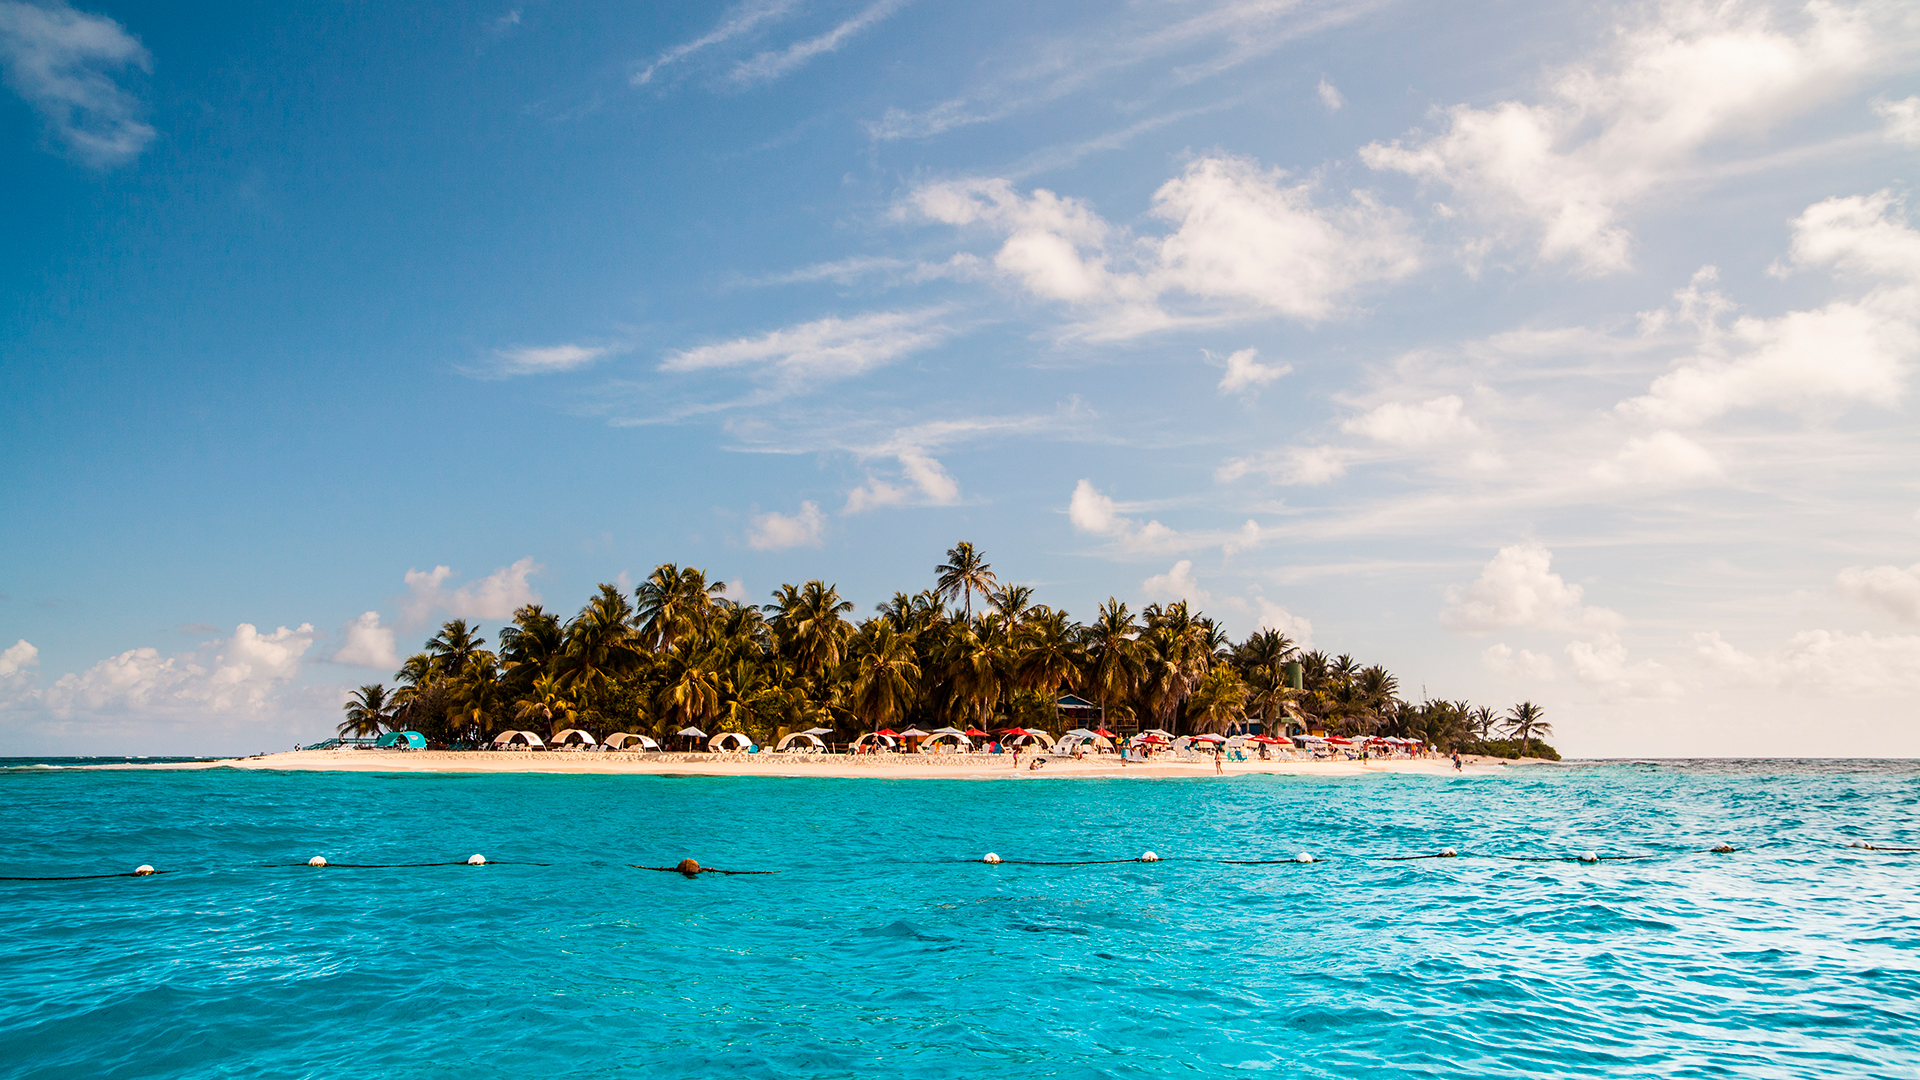 Según expertos de la compañía de viajes Despegar, el Islote Sucre, también conocido como Johnny Cayun, posee increíbles fondos coralinos e impresionantes tonalidades en sus aguas.